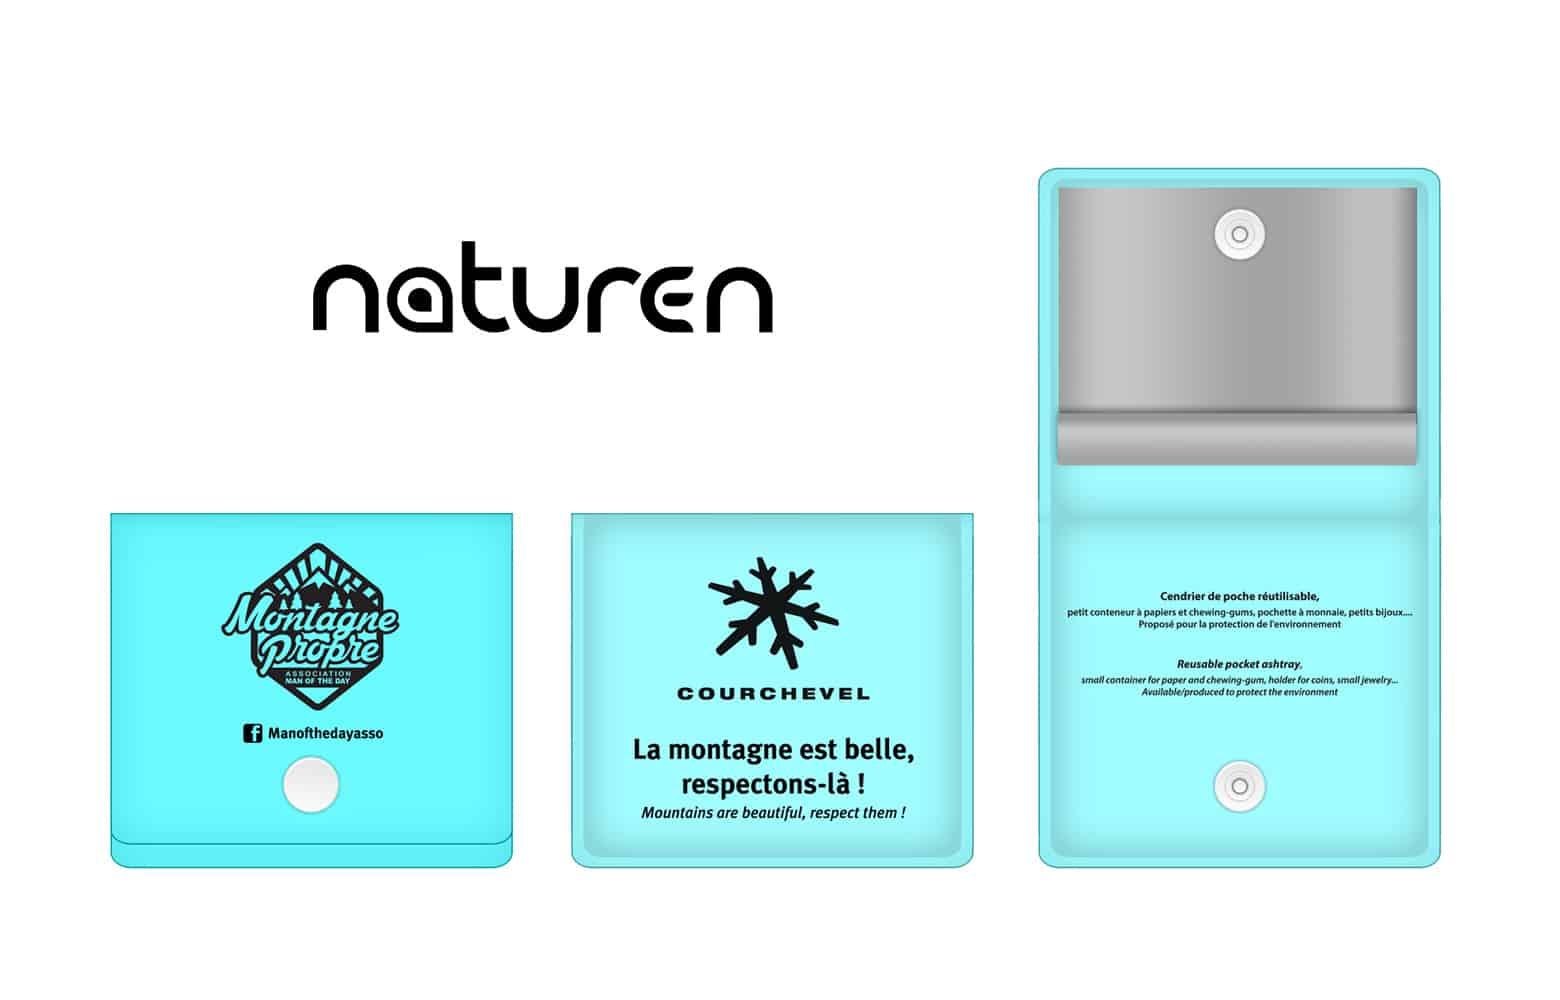 Cendrier de poche personnalisable - Naturen